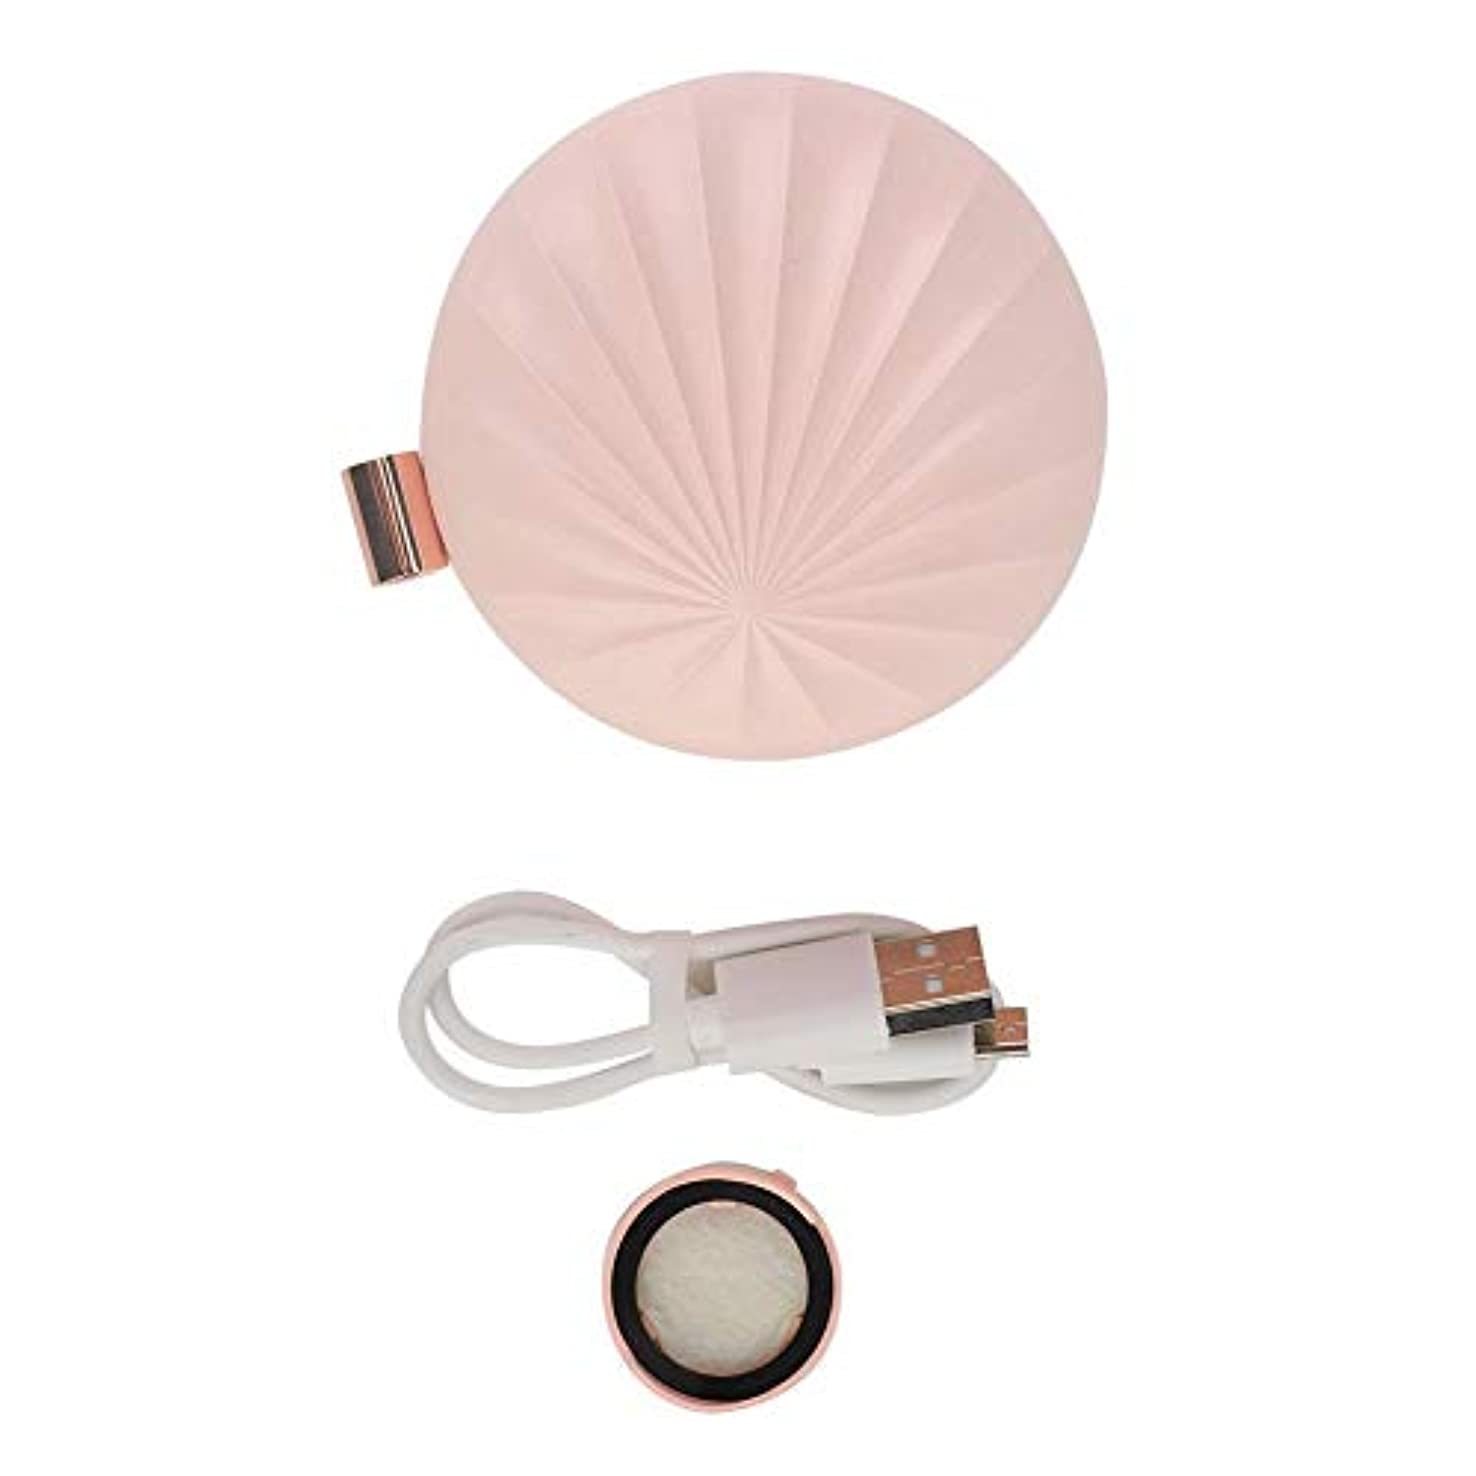 空中傷跡伝記ホームディフューザー、ポータブルアロマディフューザーエッセンシャルオイル香水ディフューザーアロマセラピーカーホームオフィス装飾 (ピンク)